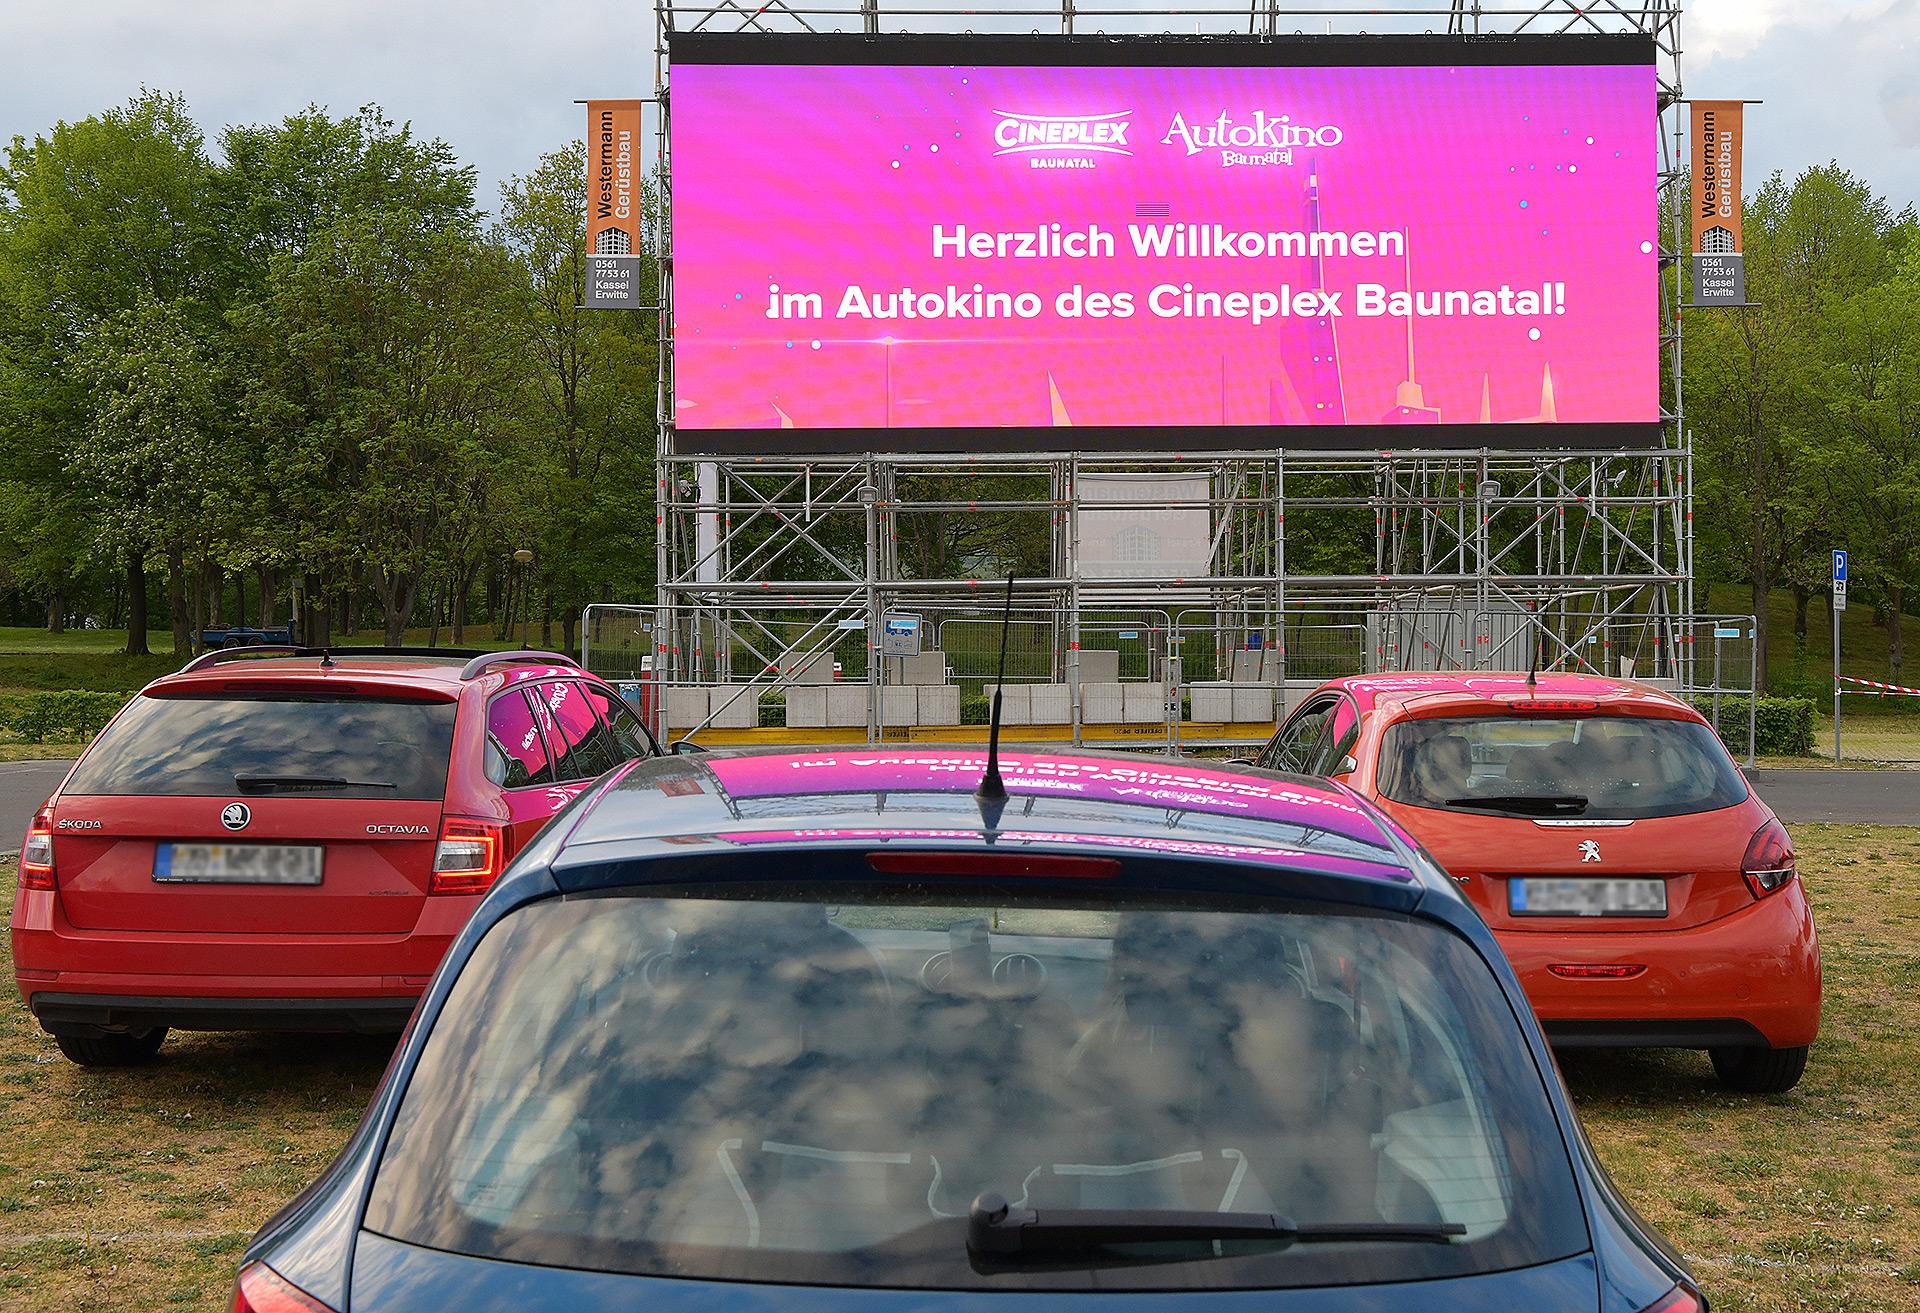 Autokino Kassel